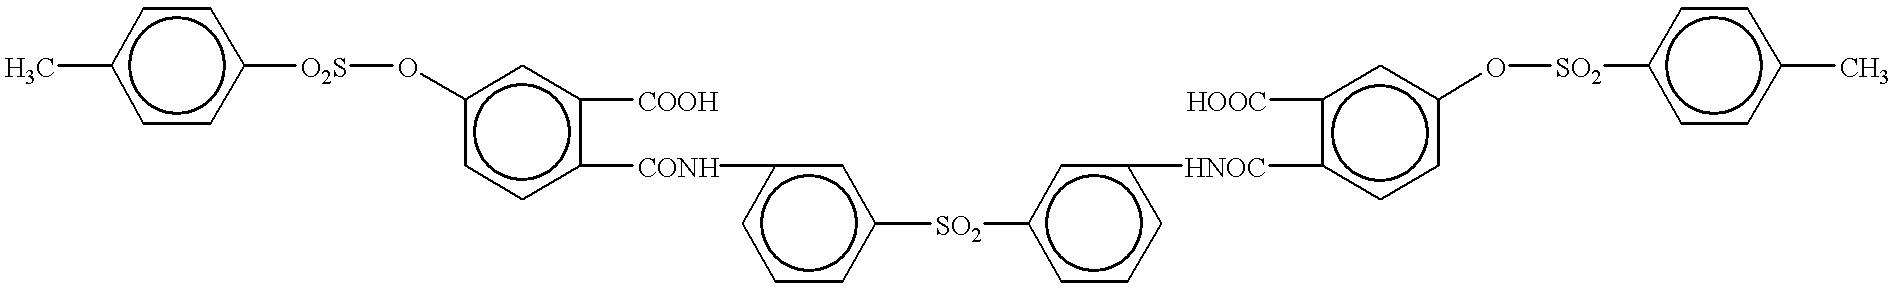 Figure US06180560-20010130-C00527